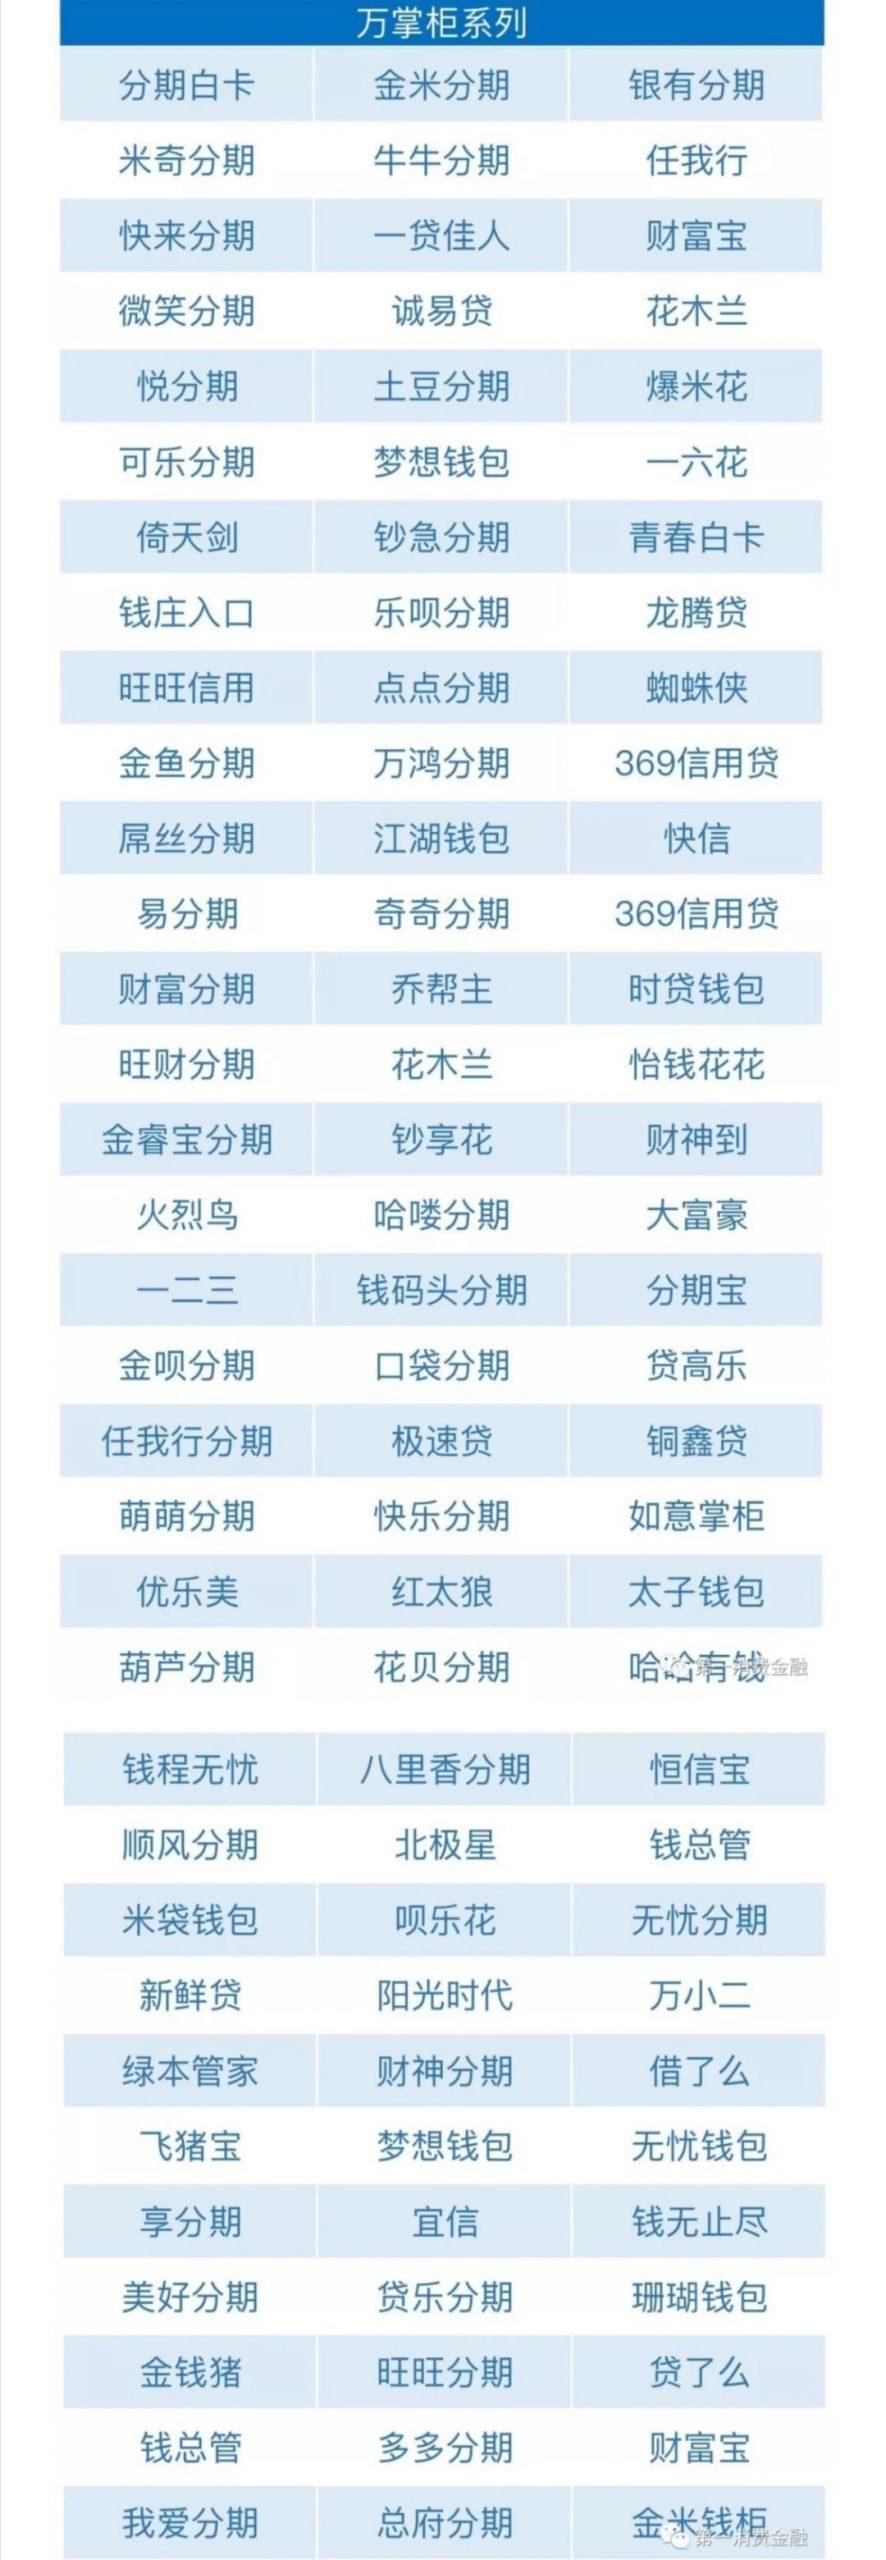 最全不用还的网贷名单(2020年7月14日更新)